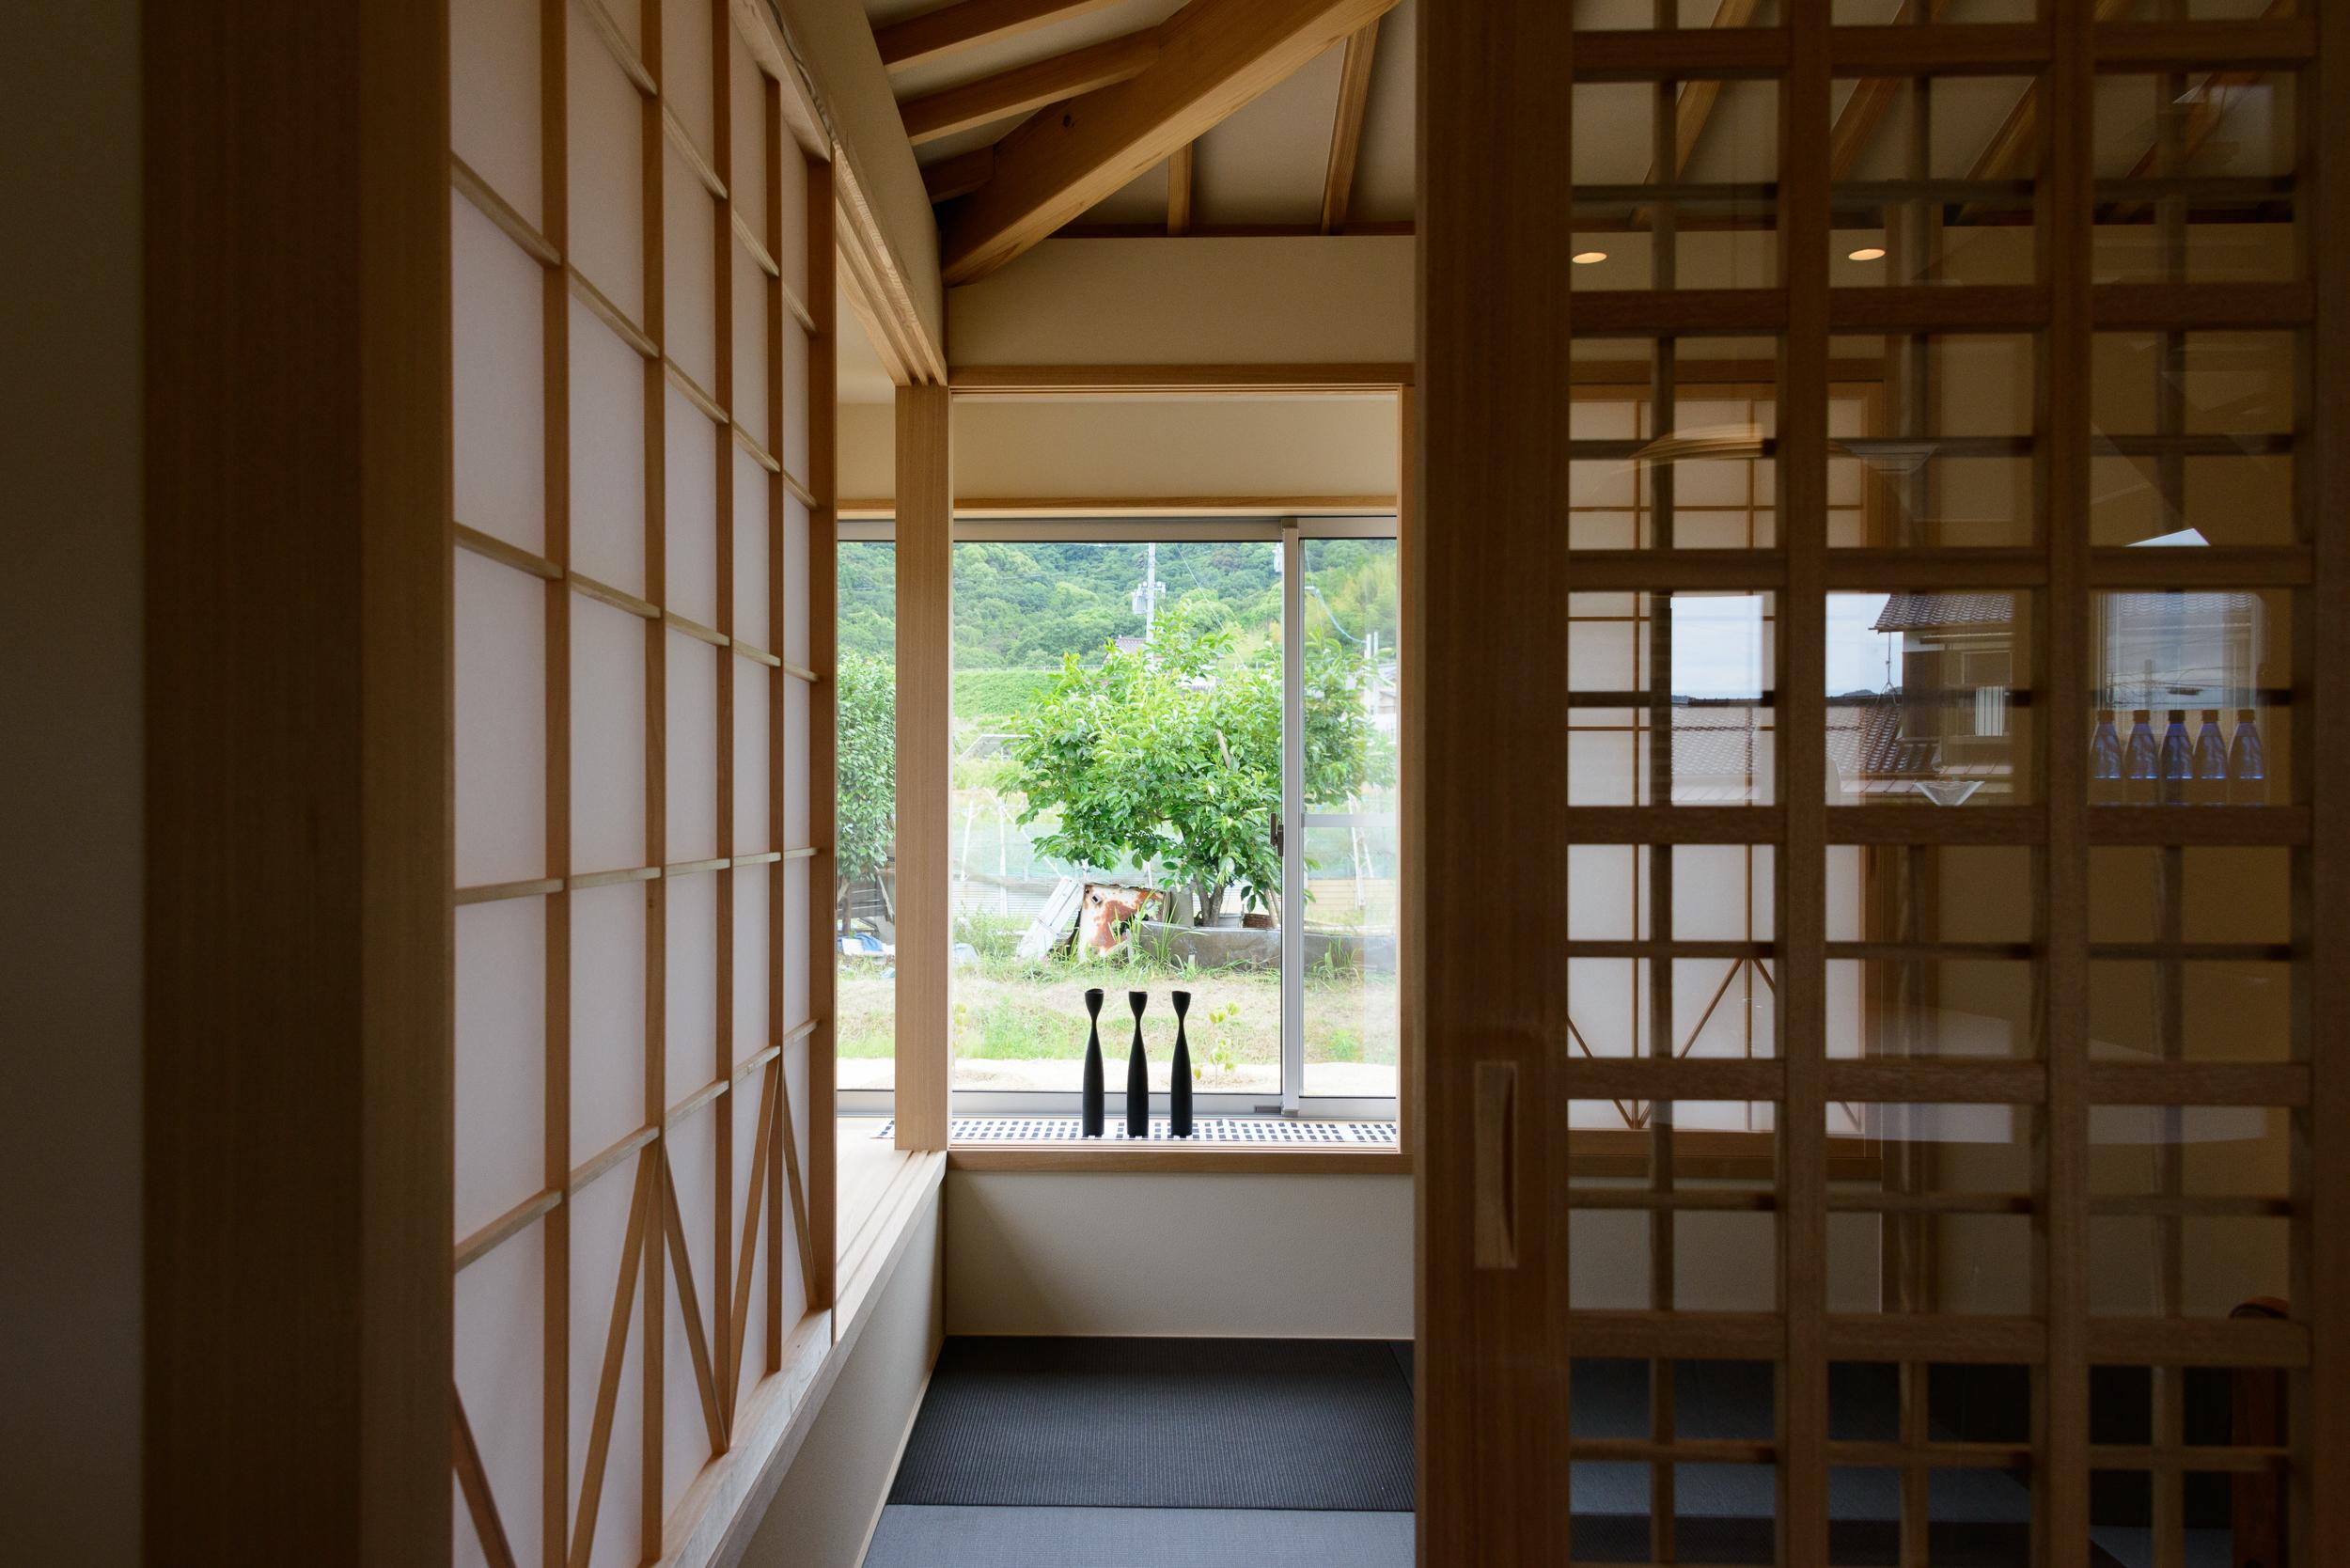 風景のある家×マスターウォール 「コラボレーション作品パネル展」